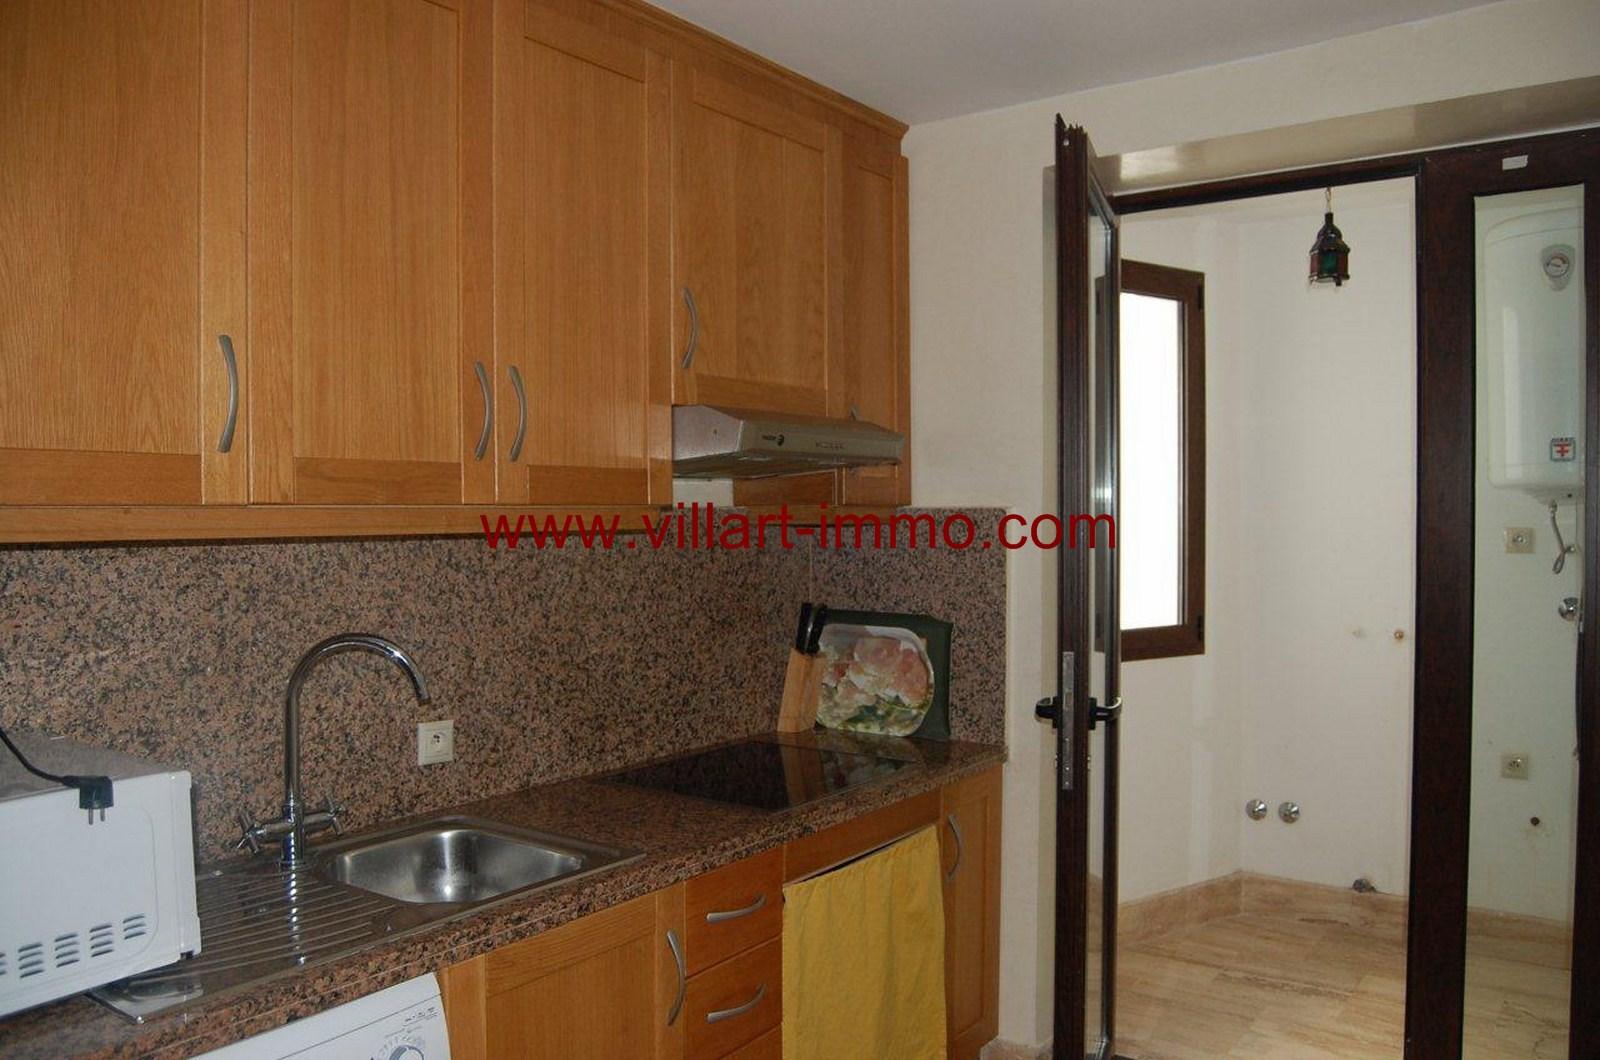 9-vente-appartement-tanger-achakar-cuisine-va389-villart-immo